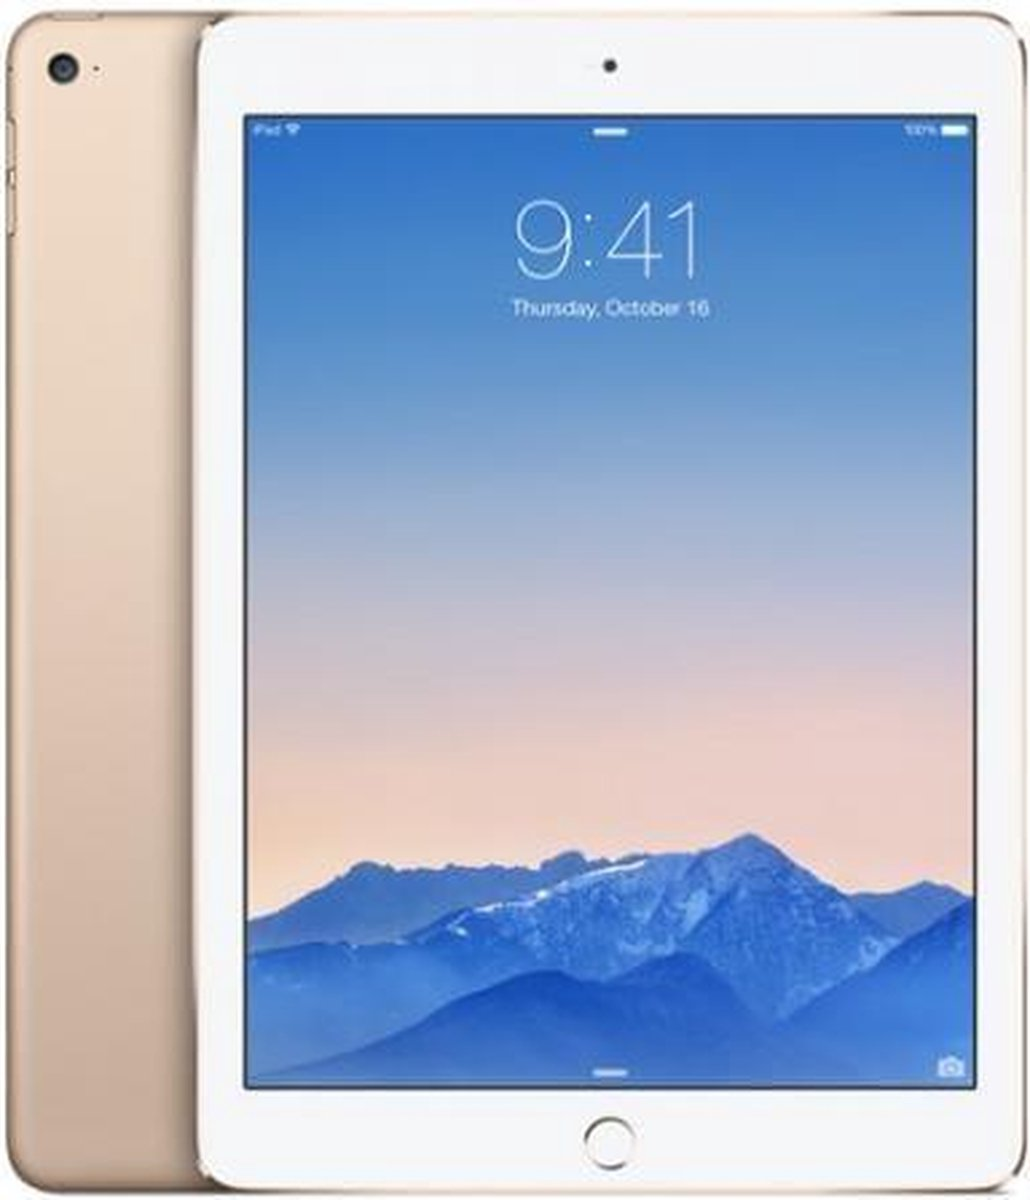 Apple iPad Air 2 128GB Wifi goud - Zo goed als nieuw - 2 Jaar Garantie